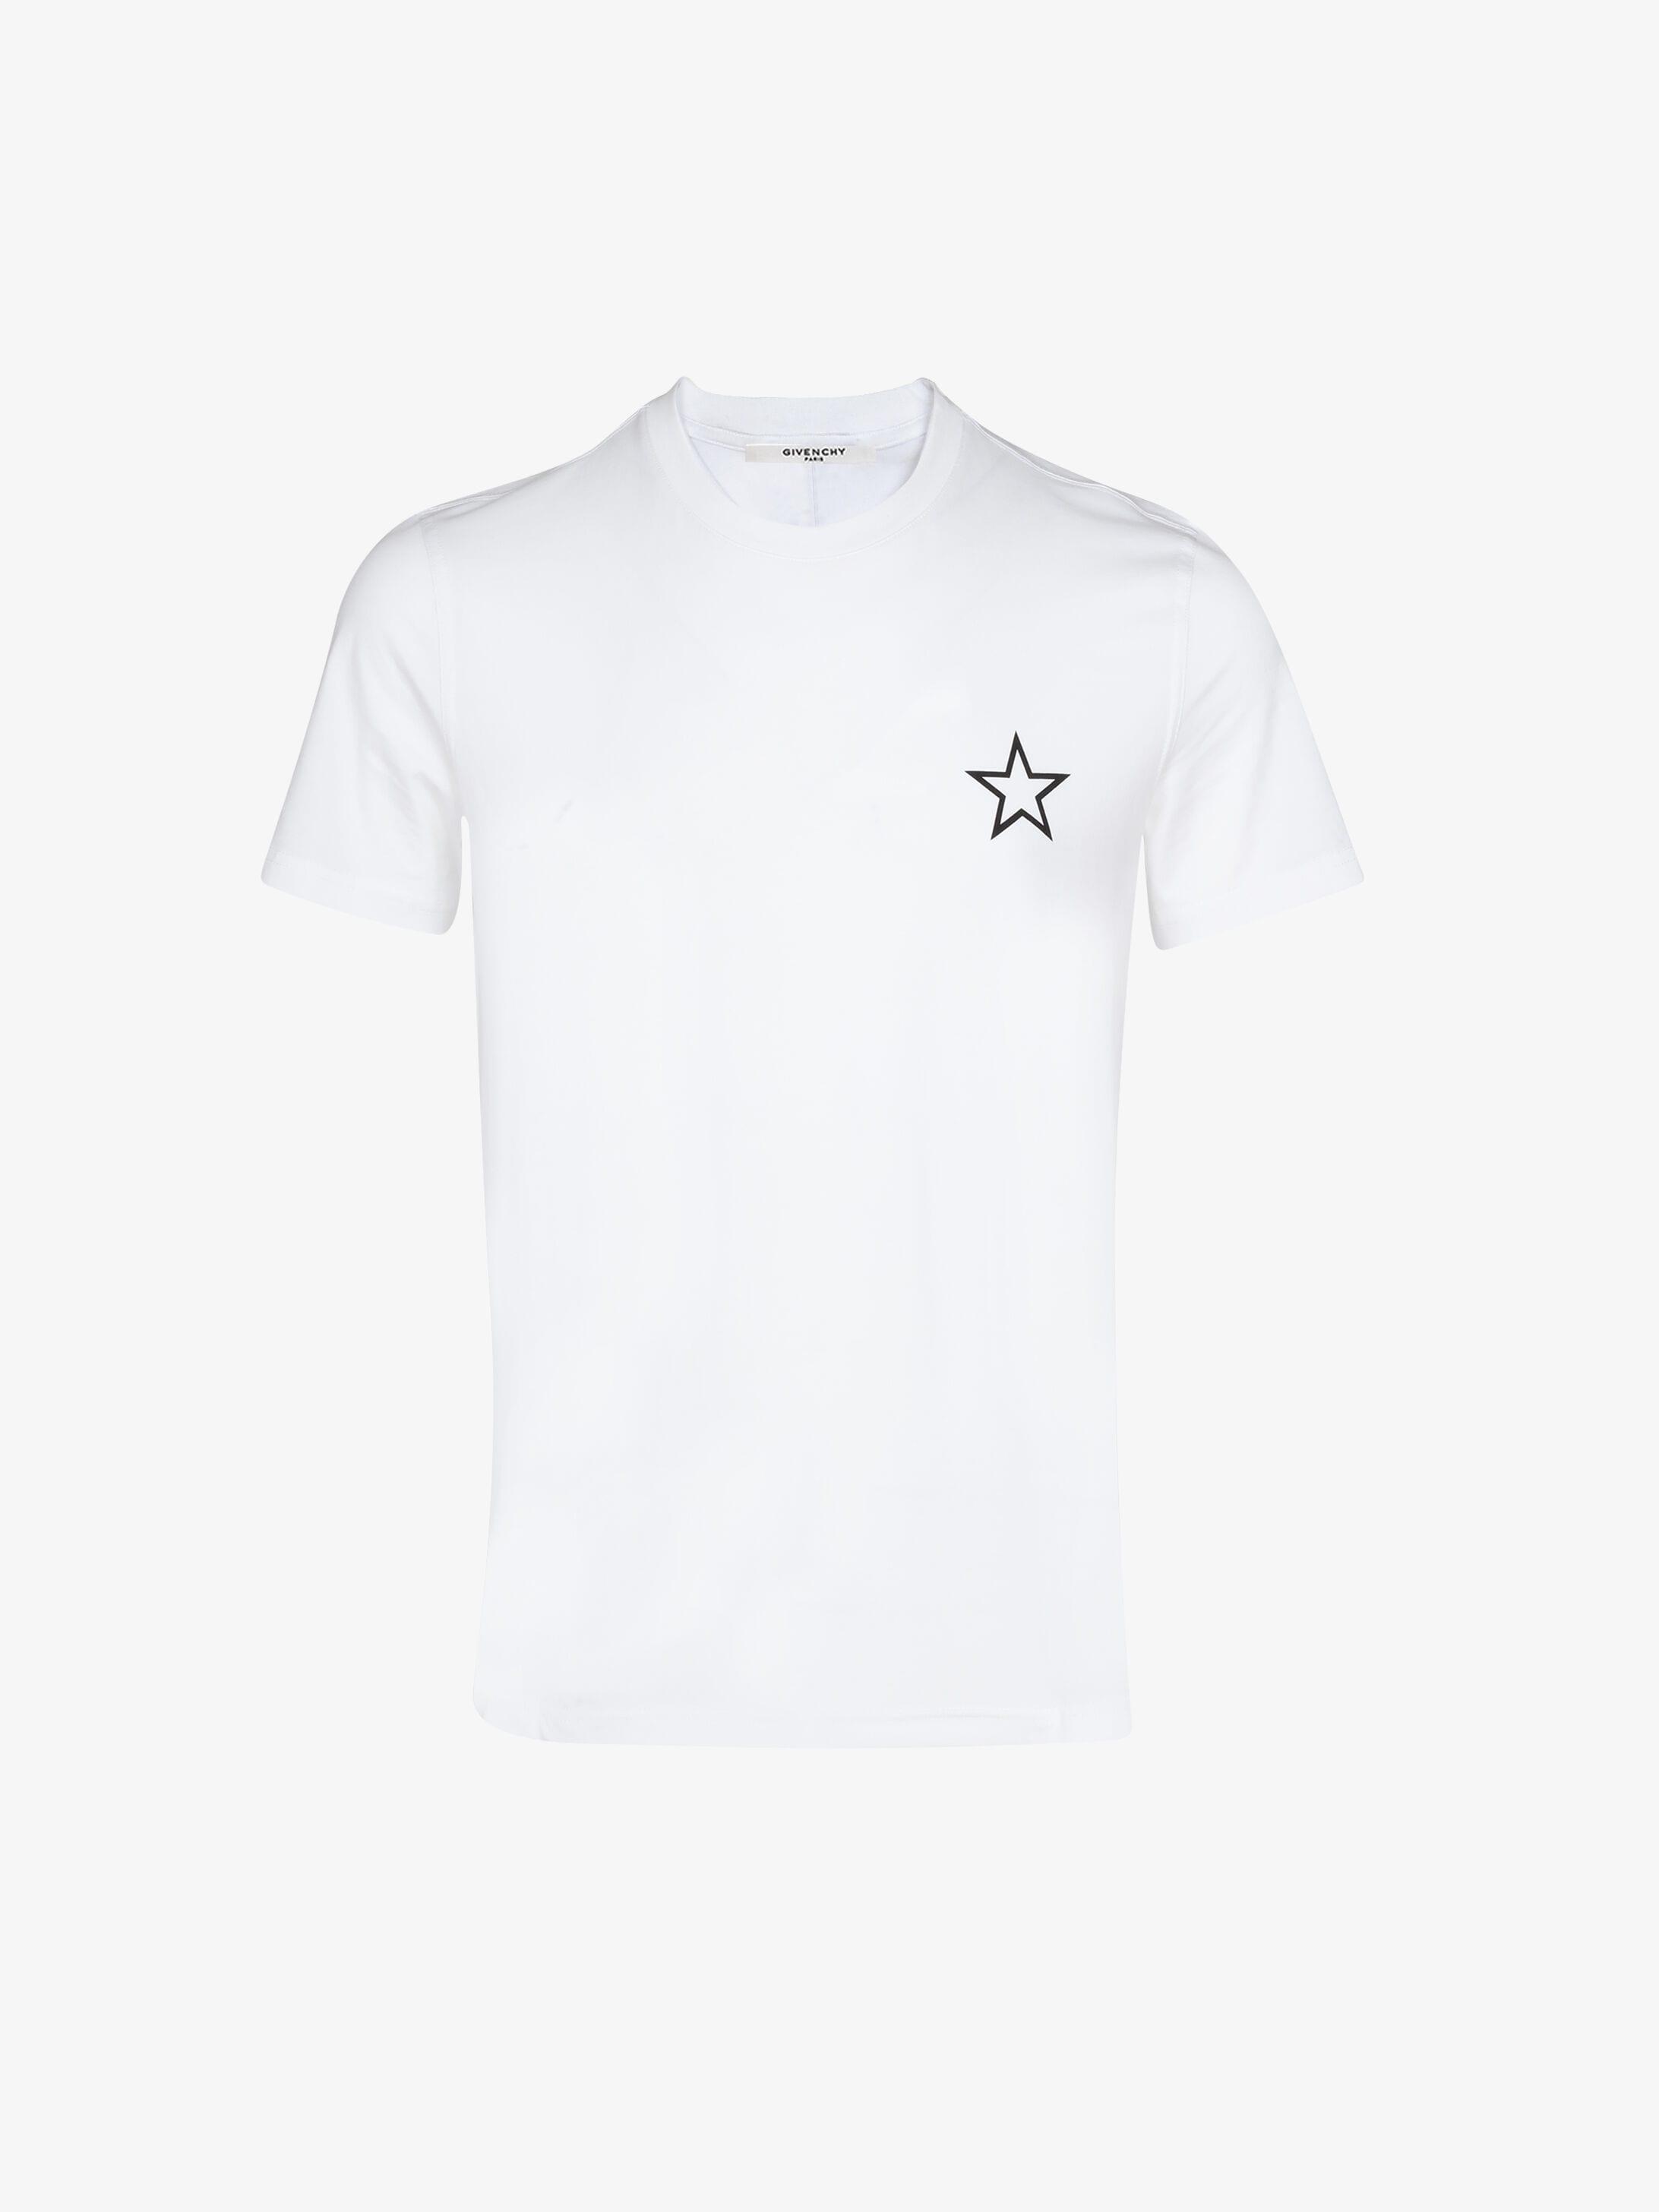 e7b2669342ea 白Tシャツ人気おしゃれブランドおすすめ20選【無地からワンポイントロゴ ...